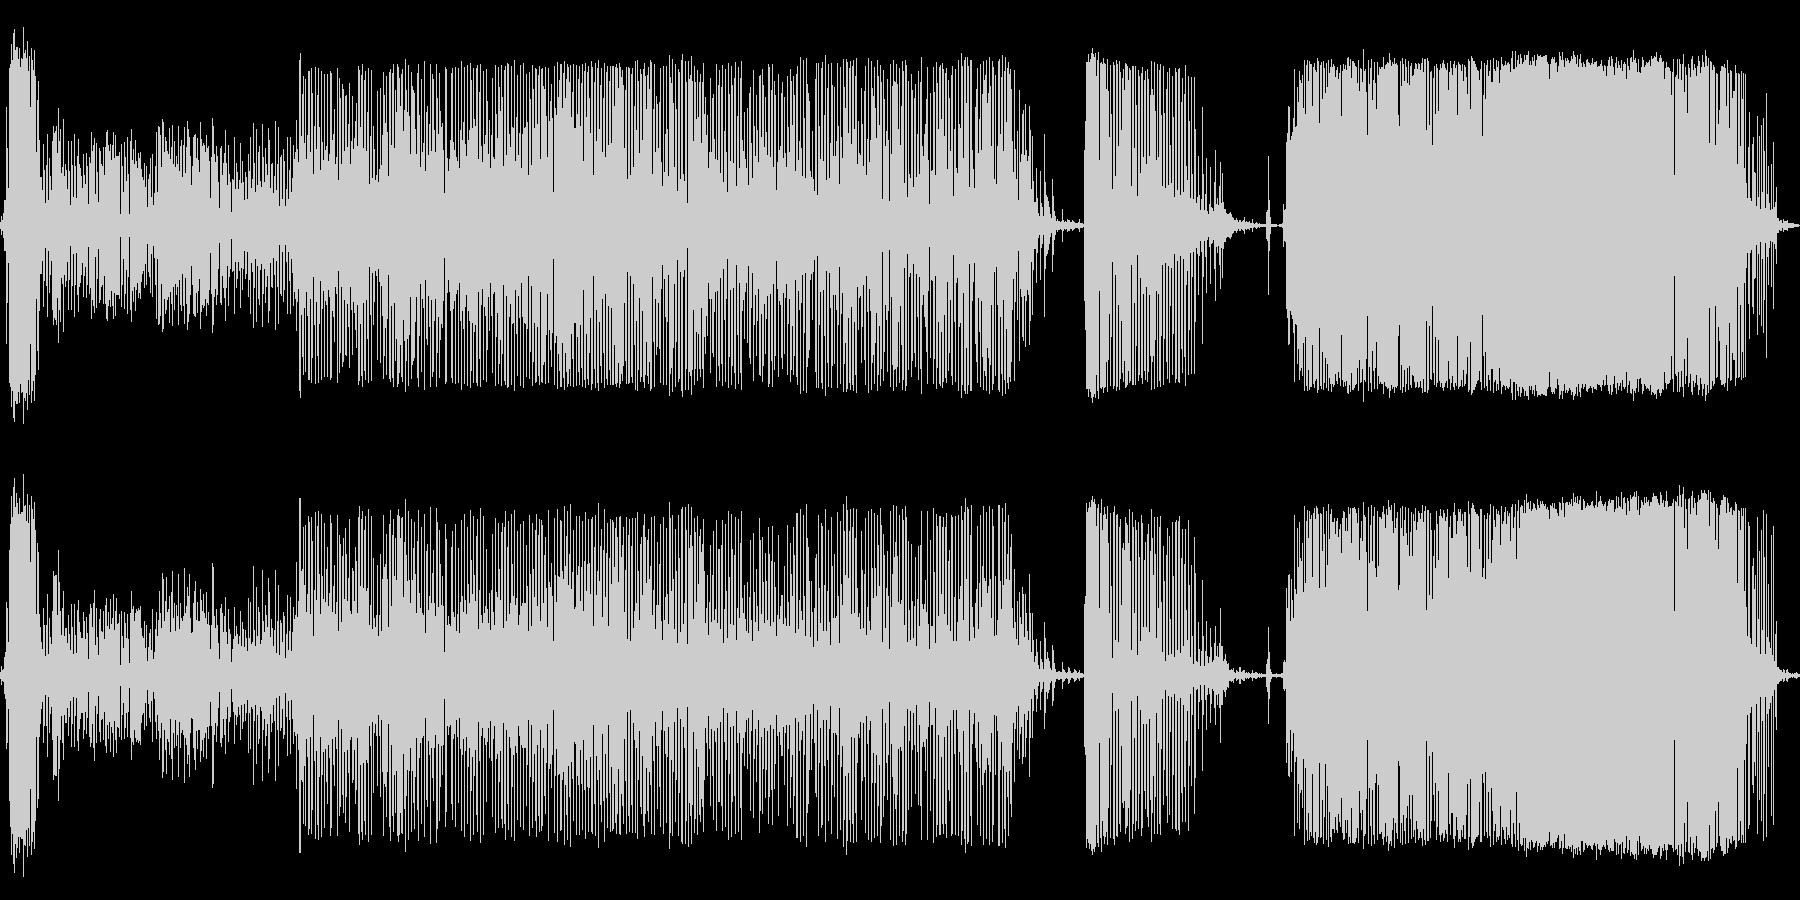 コインペイントミキサーの未再生の波形